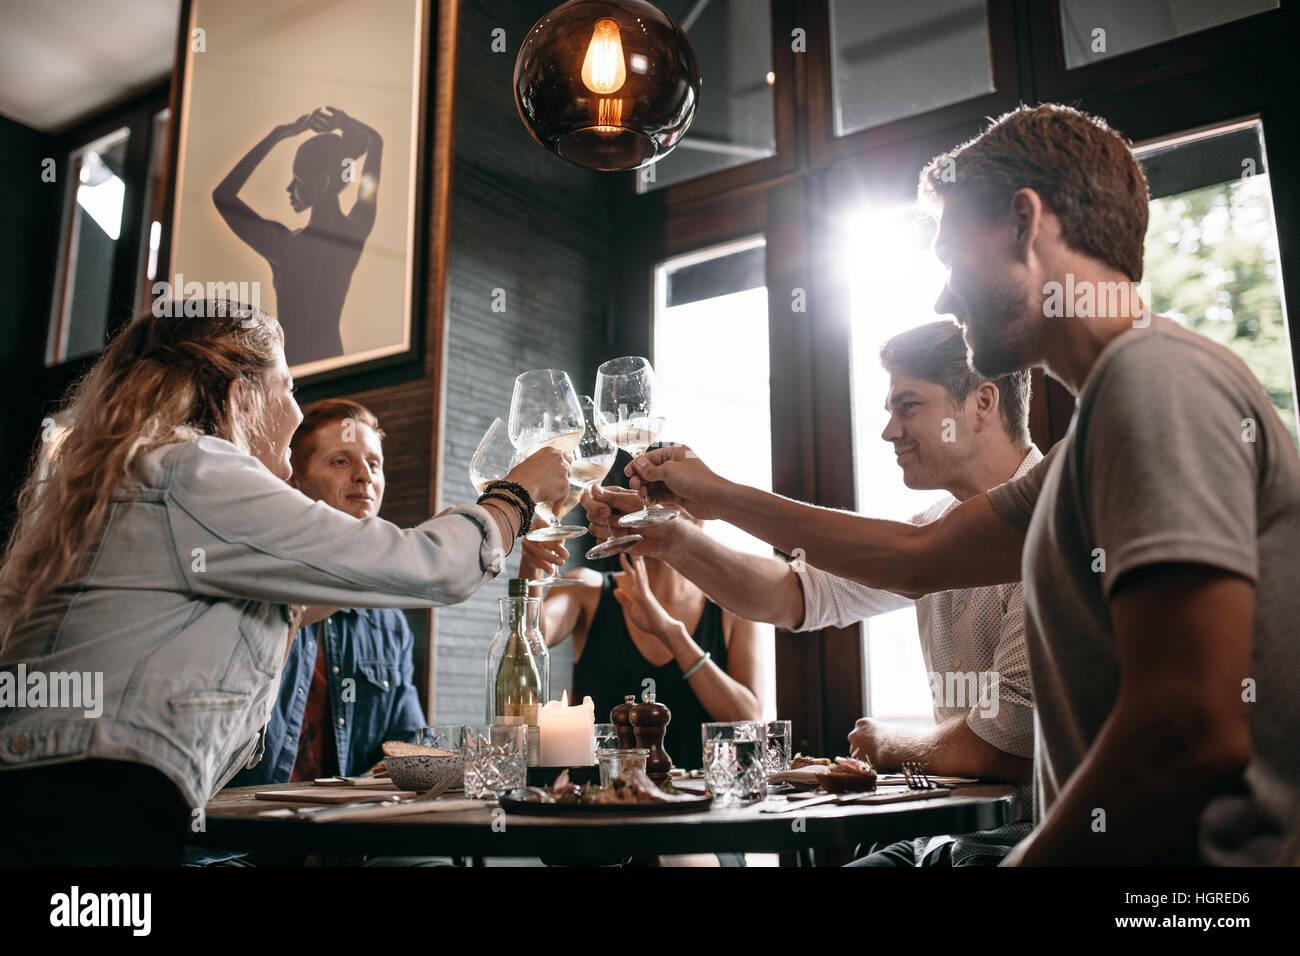 Junger Mann und Frau am Tisch sitzen und Getränke im Restaurant toasten. Gruppe von Freunden Toasten Wein im Stockbild